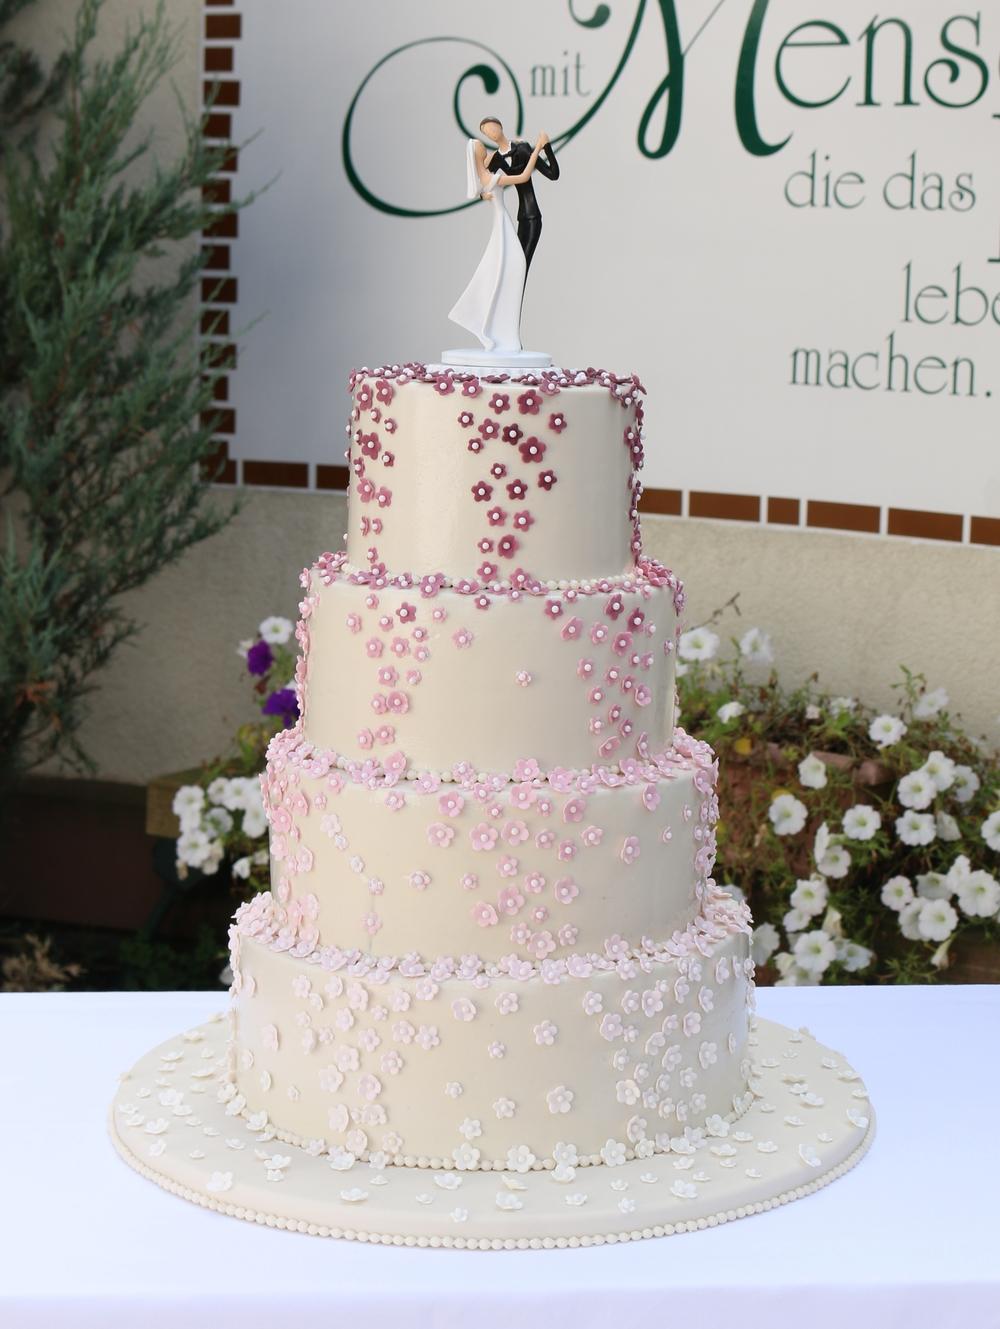 4 Stockige Hochzeitstorte Mit Abgetonten Zuckerblumchen Barbara